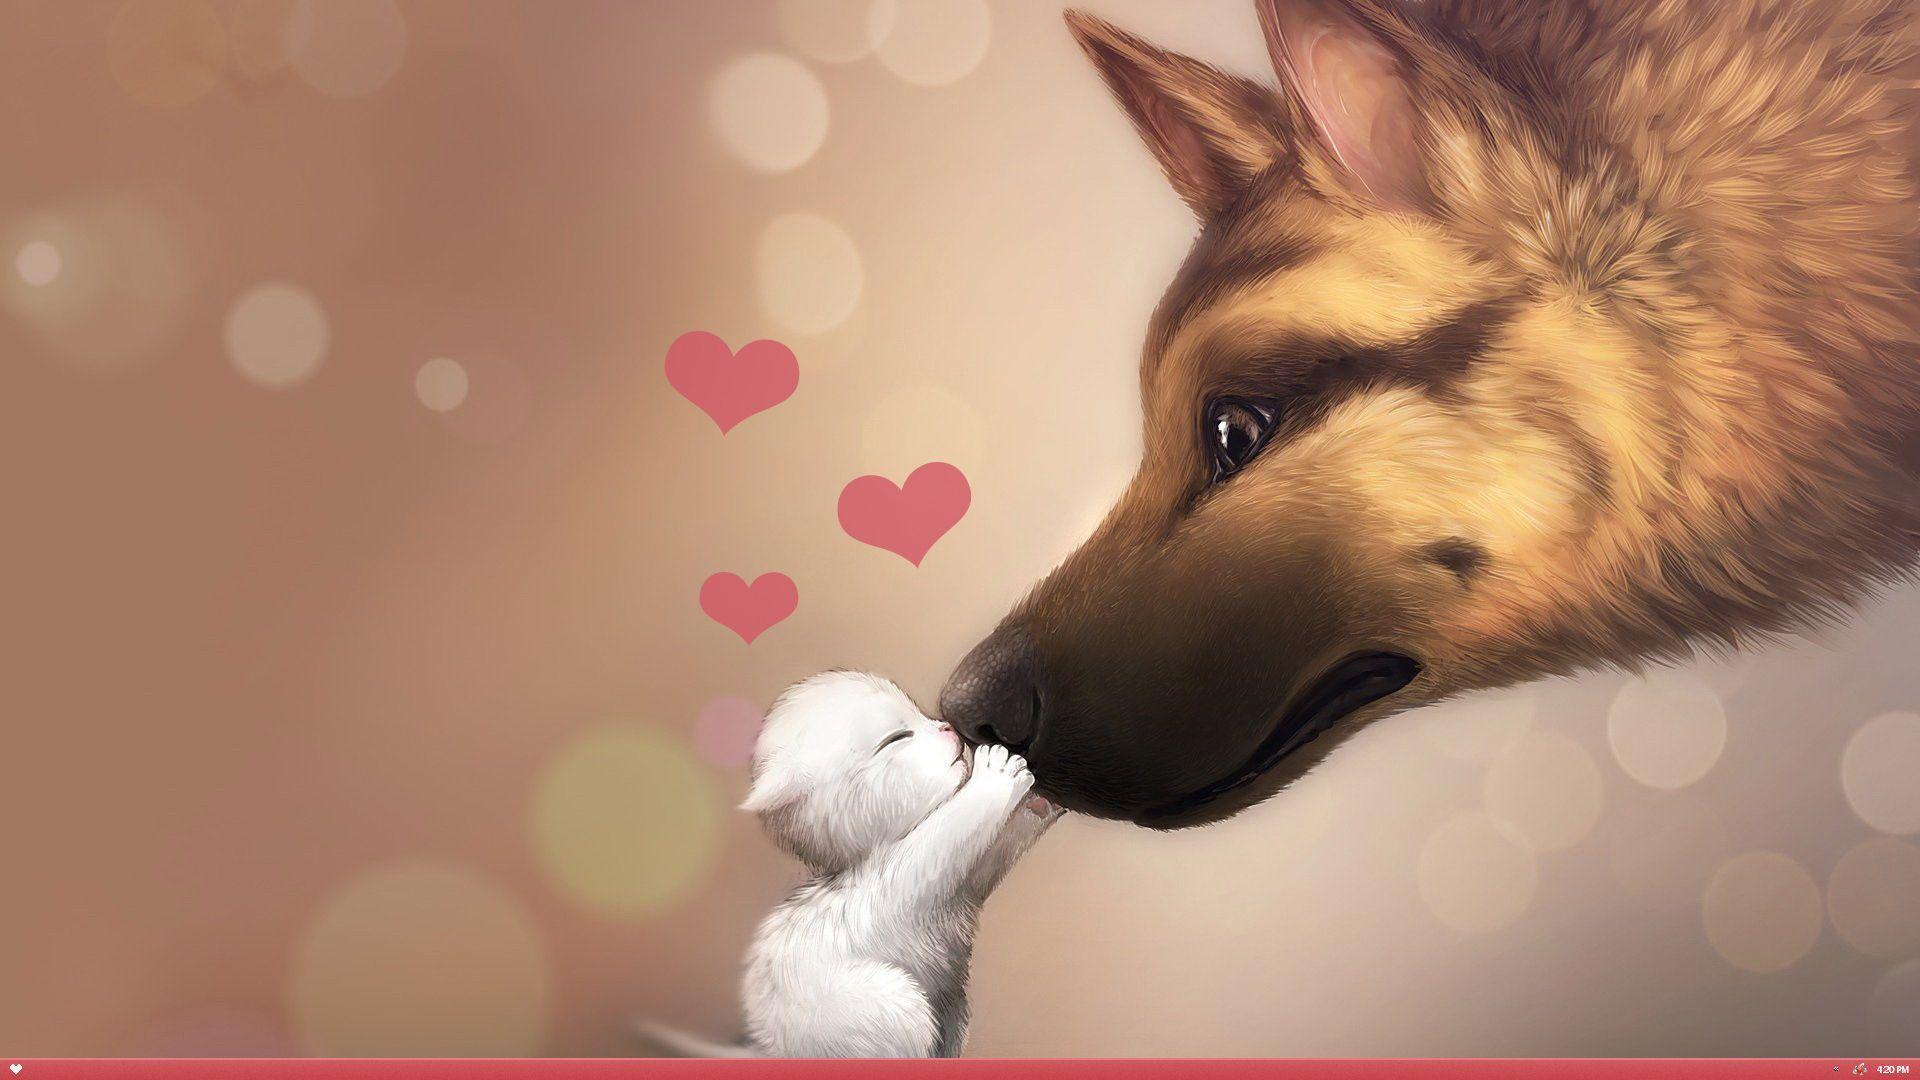 Valentines Day Dog Cat Love HD Wallpaper FullHDWpp   Full HD 1920x1080